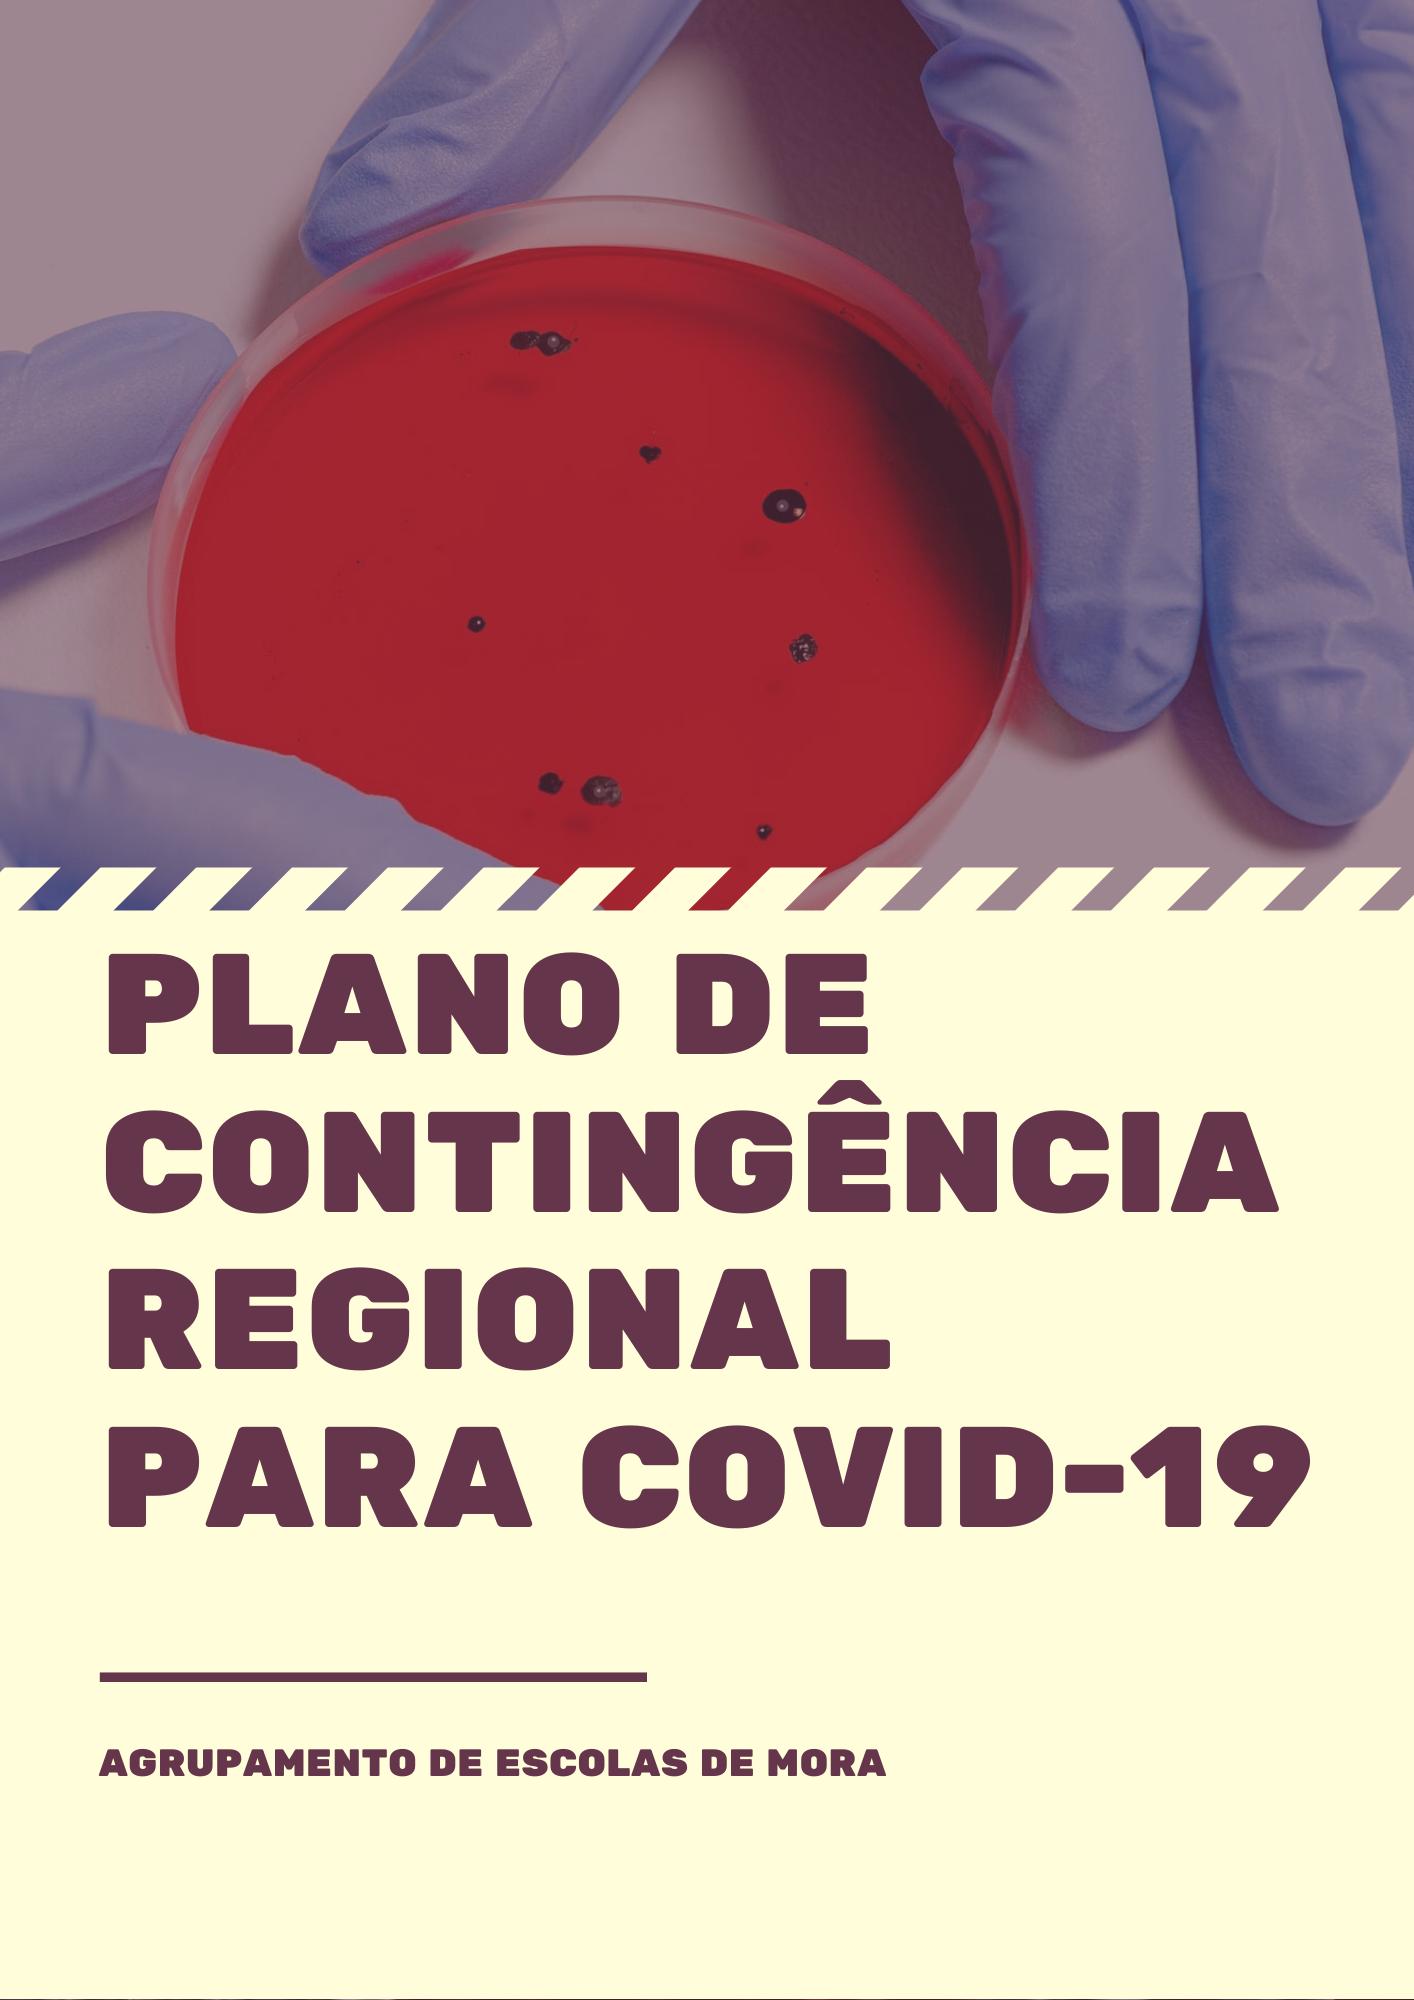 .: Plano de Contingência Regional para COVID-19 :.